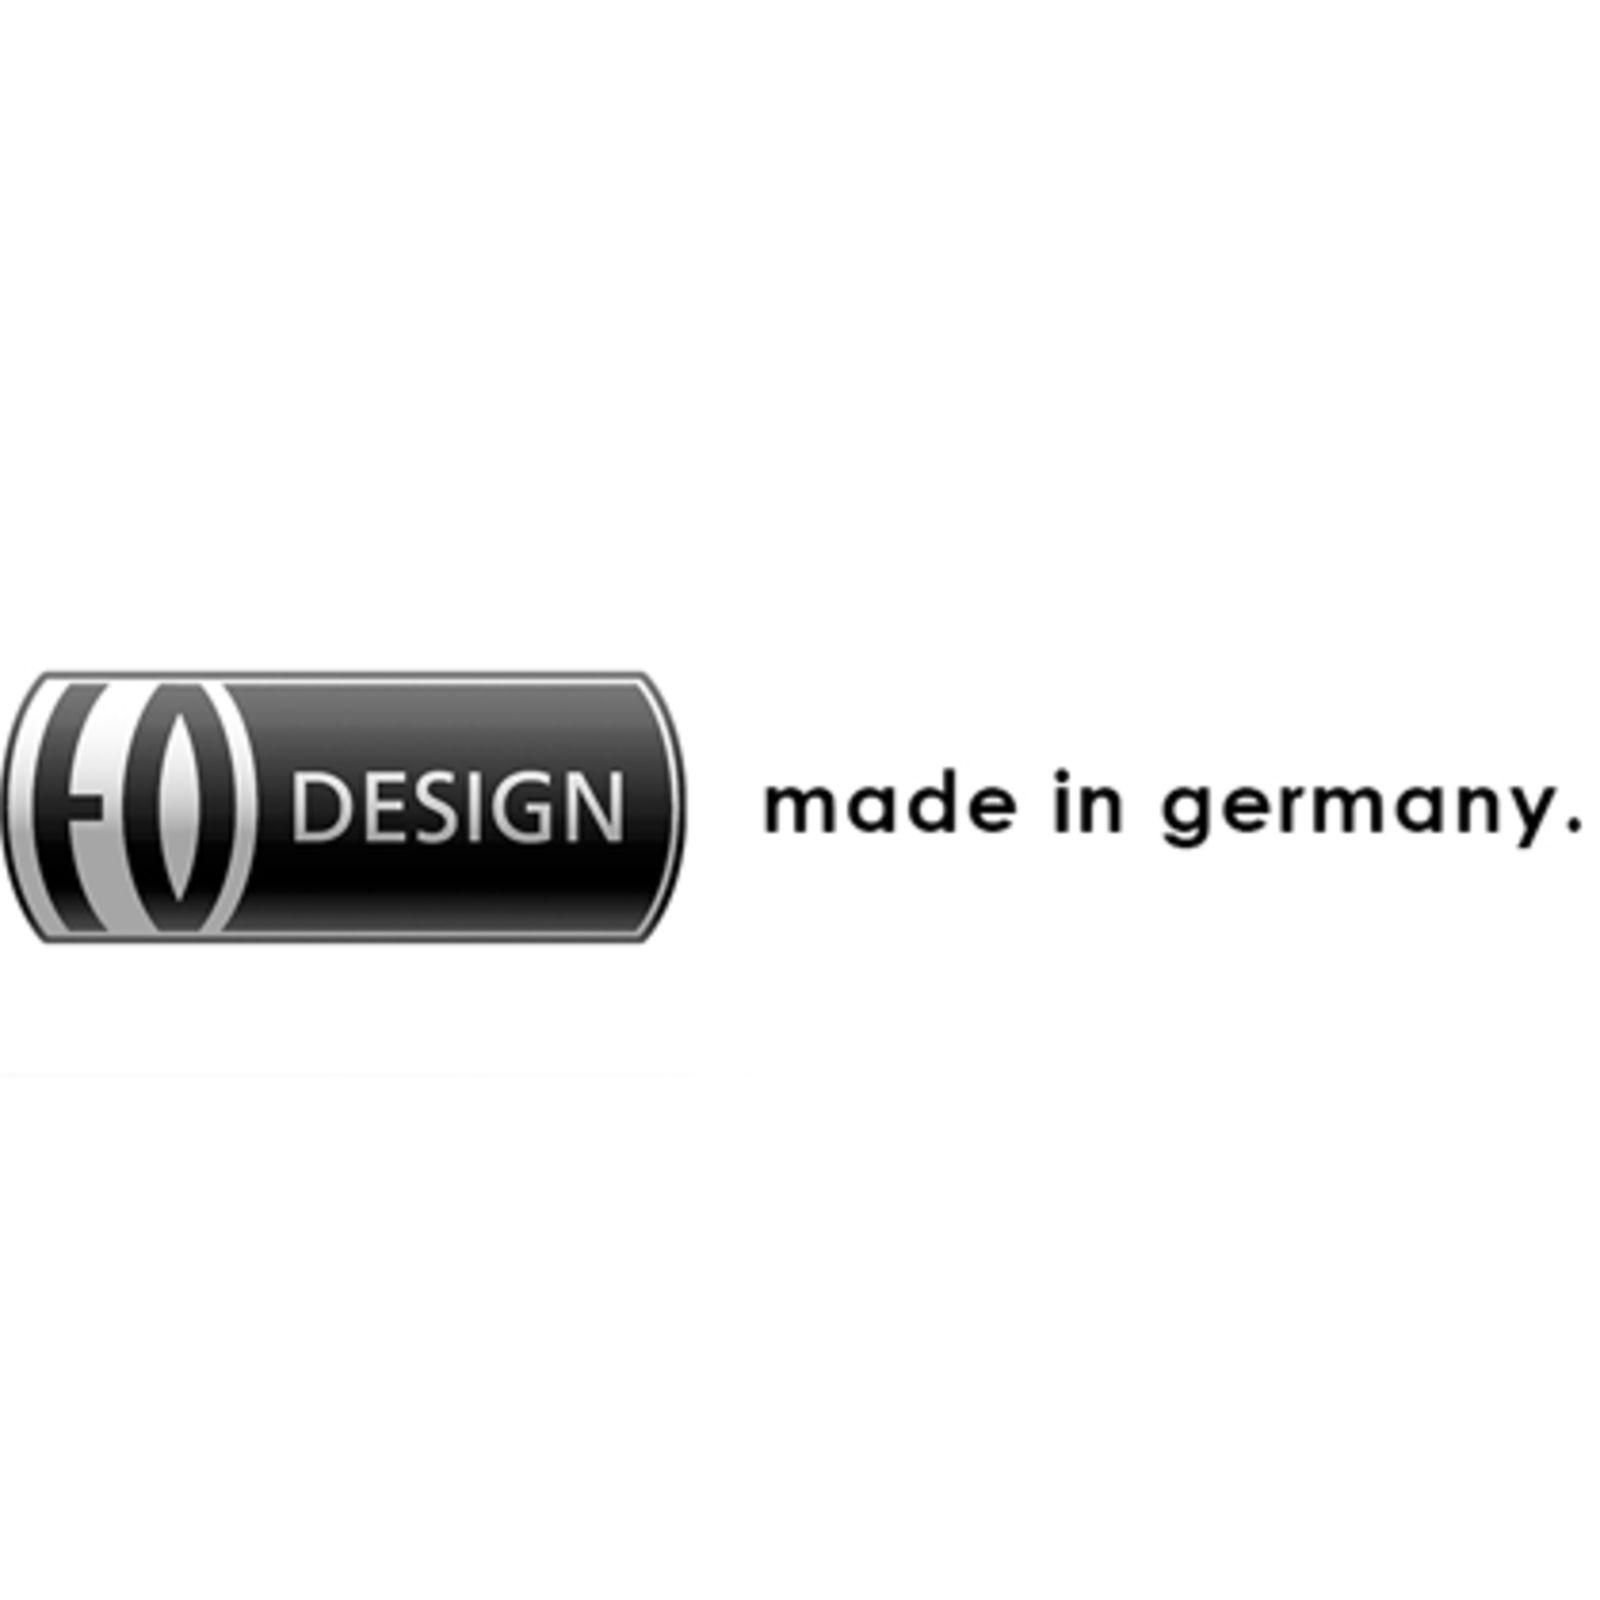 EO design